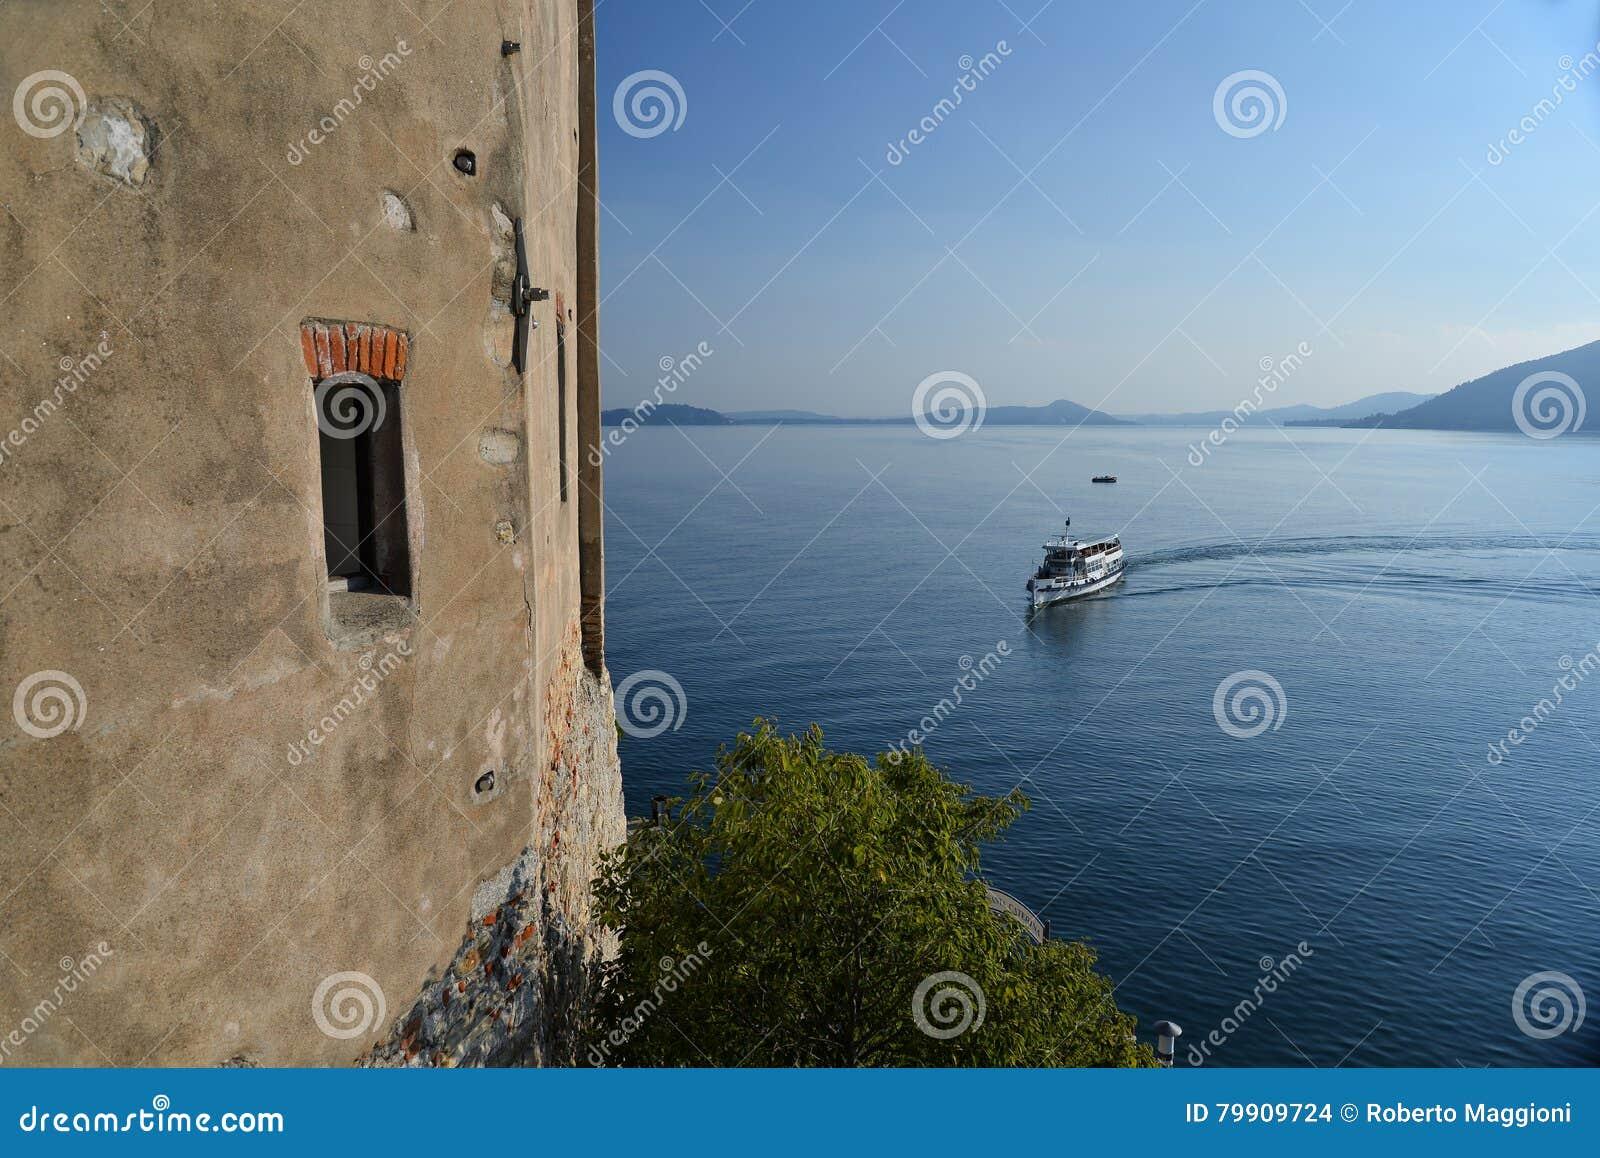 Lake - lago - Maggiore, Italy. Santa Caterina del Sasso monastery